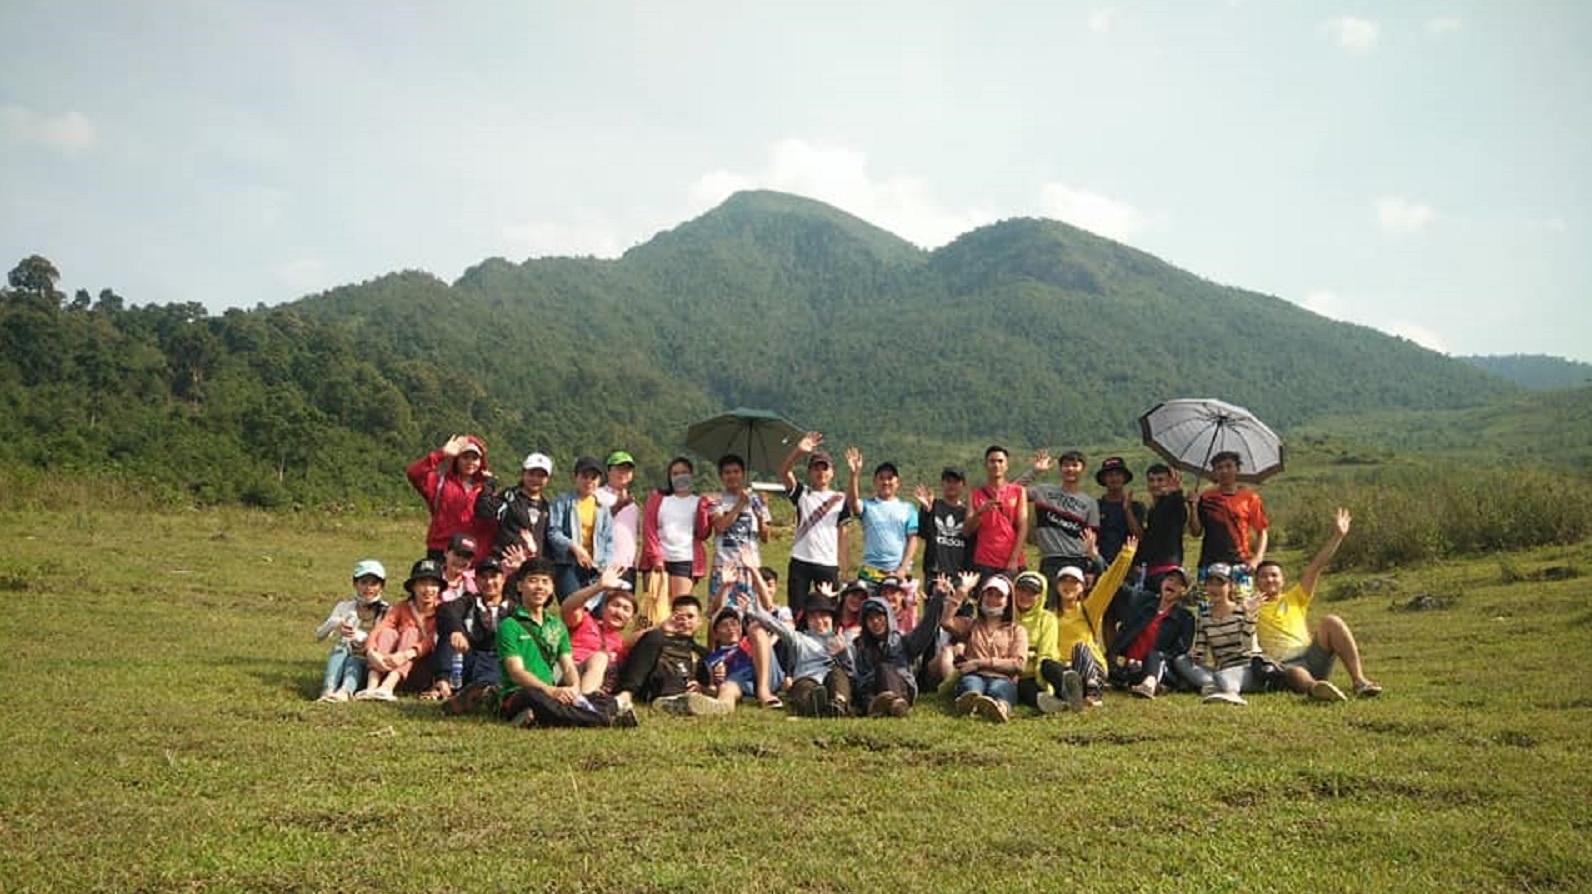 Các bạn sinh viên Lào (đang học tại trường Đại học Tây Bắc) đến rèn nghề tại xã Ngọc Chiến nghỉ lại Ngoc Chien Pearl homestay